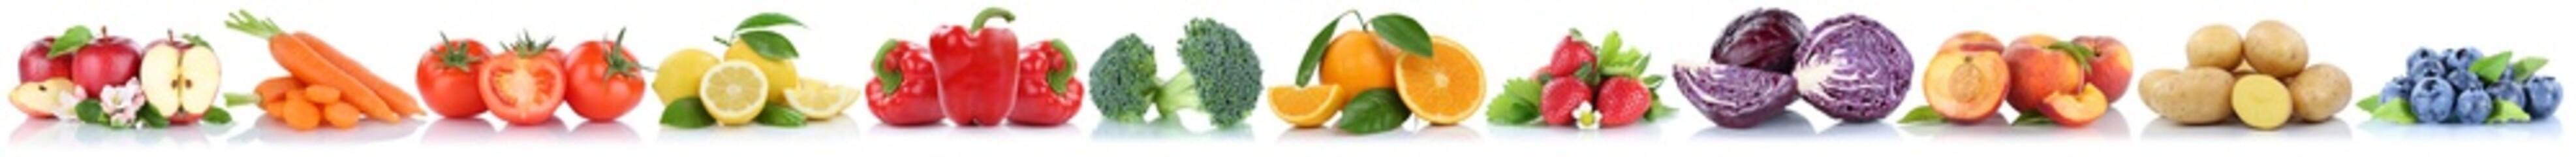 Obst und Gemüse Früchte Apfel Tomaten Beeren Pfirsich frische